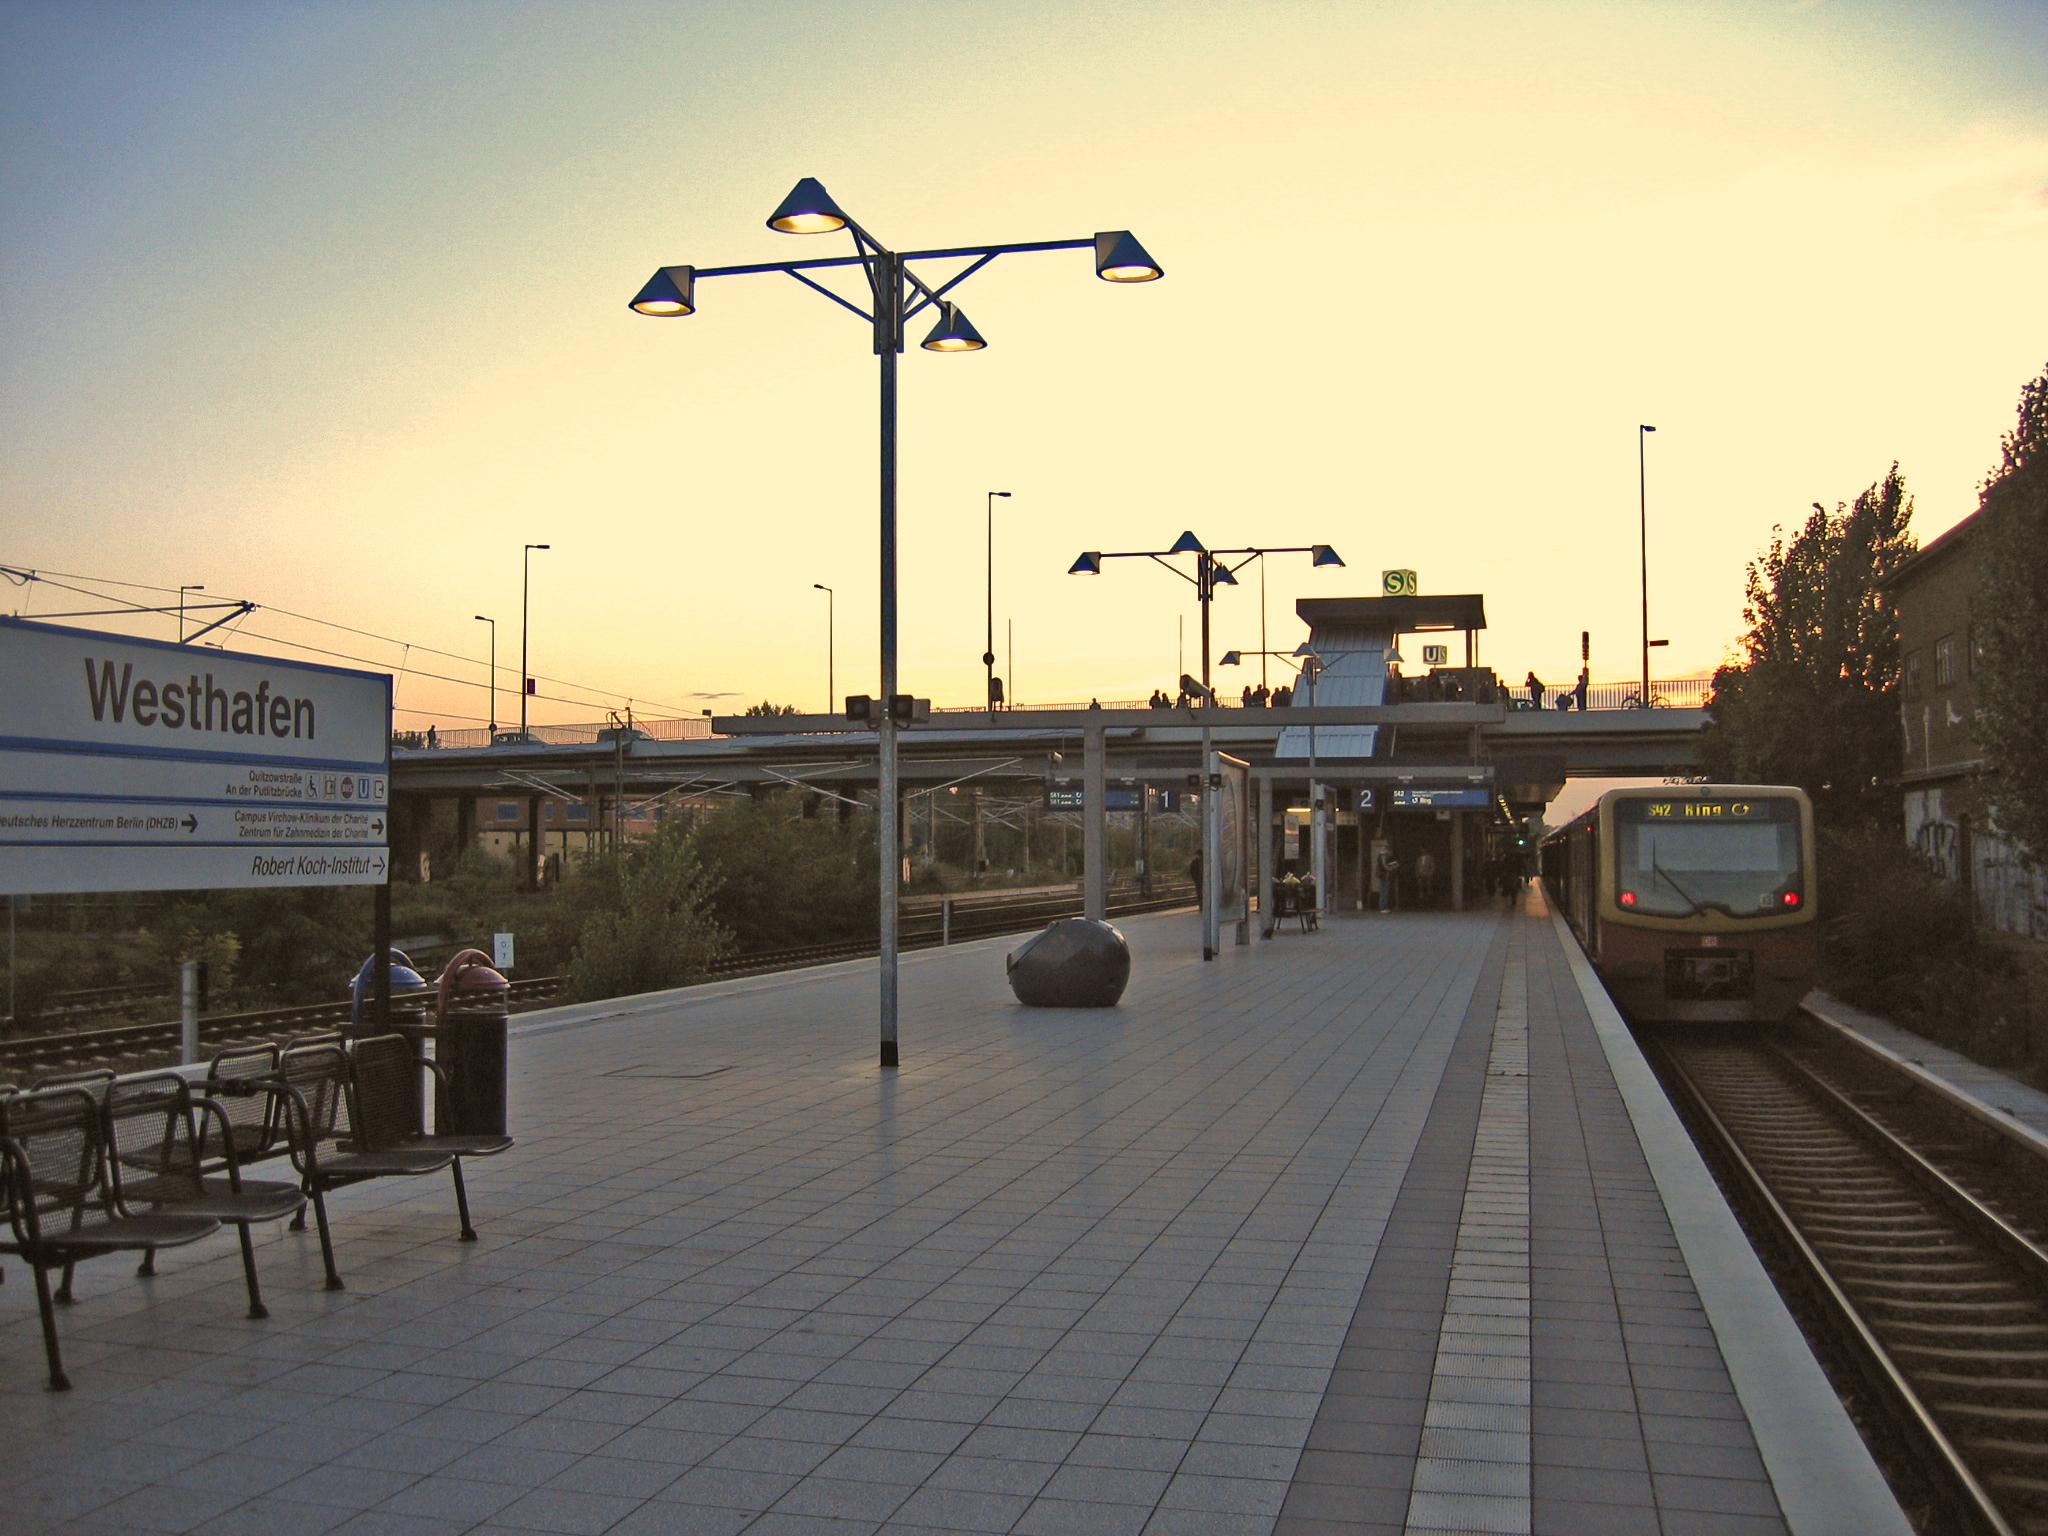 berlin westhafen station wikiwand. Black Bedroom Furniture Sets. Home Design Ideas